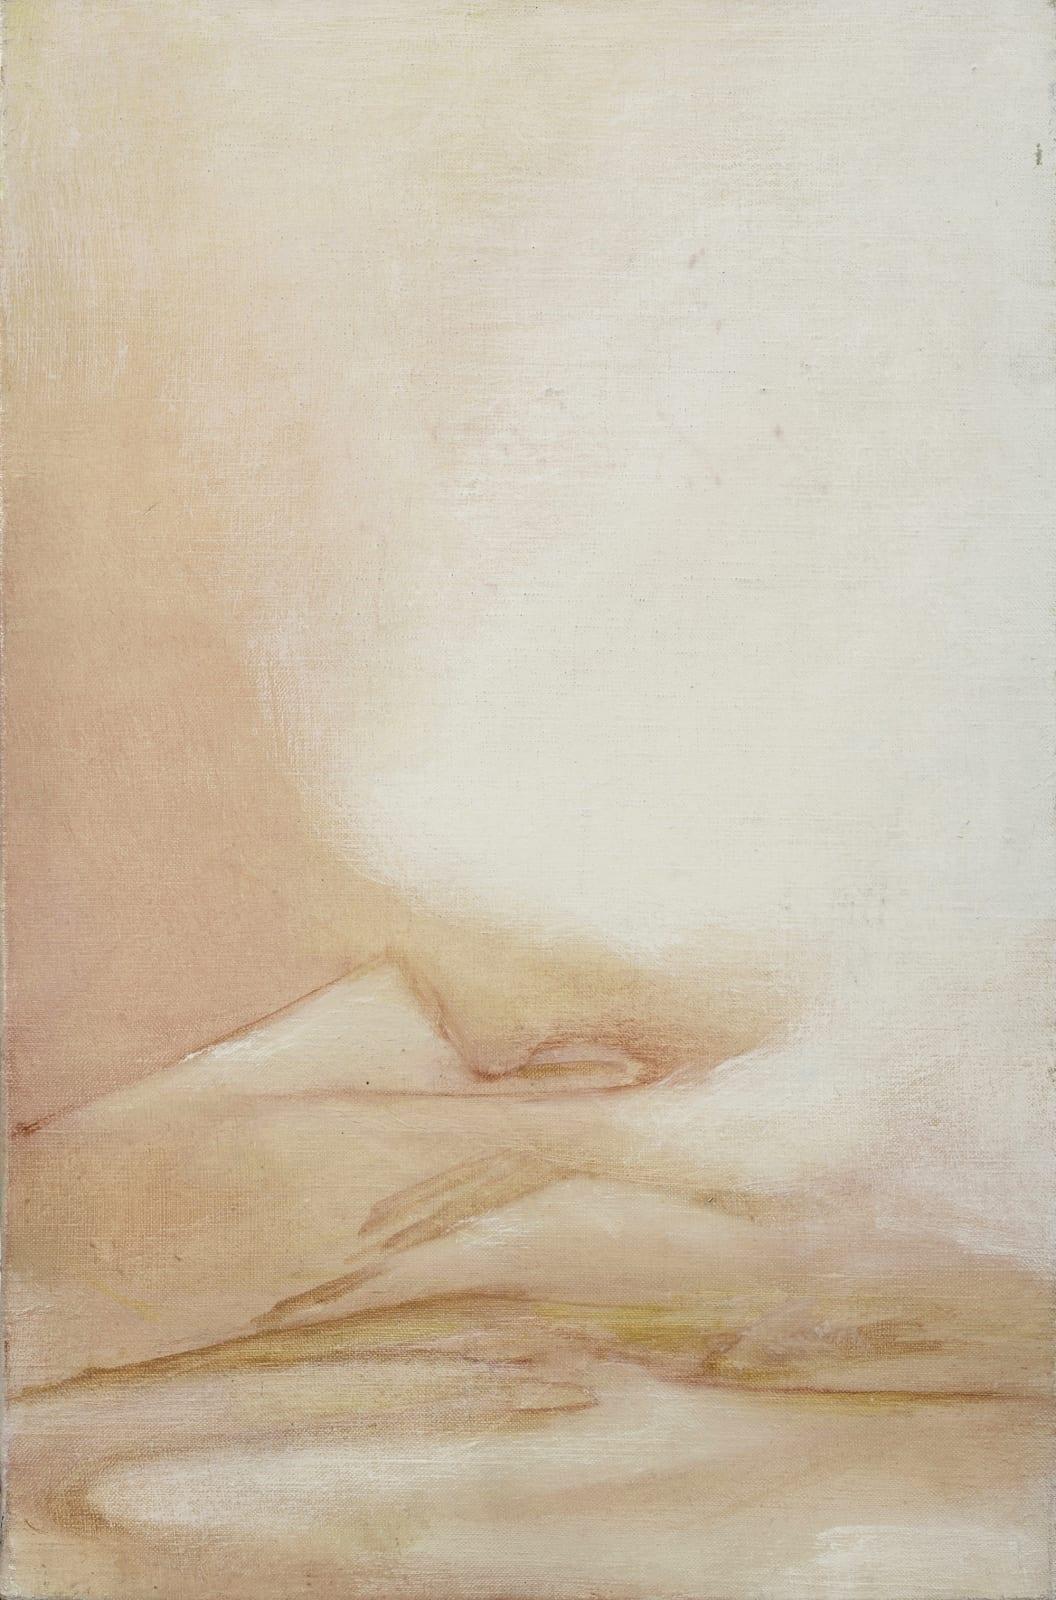 Lalan 謝景蘭, Untitled《無題》, 1975